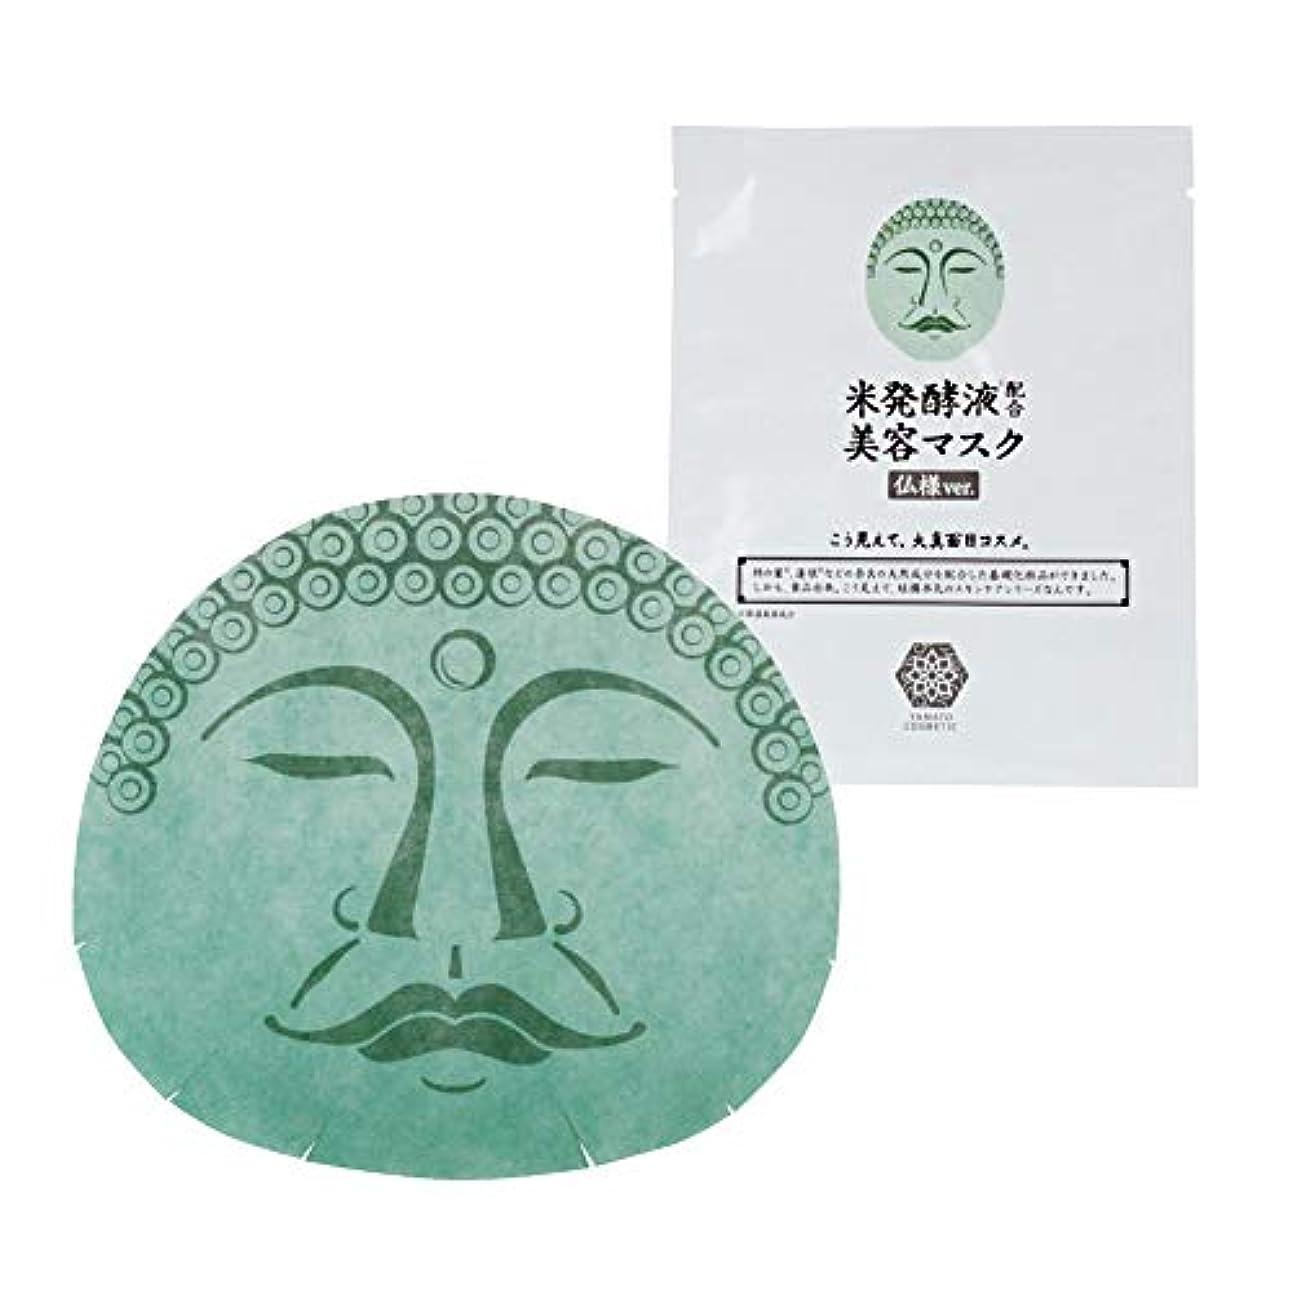 ロボット終わり典型的なやまとコスメティック 美容液マスク 25mL 1枚 仏様 仏様パック